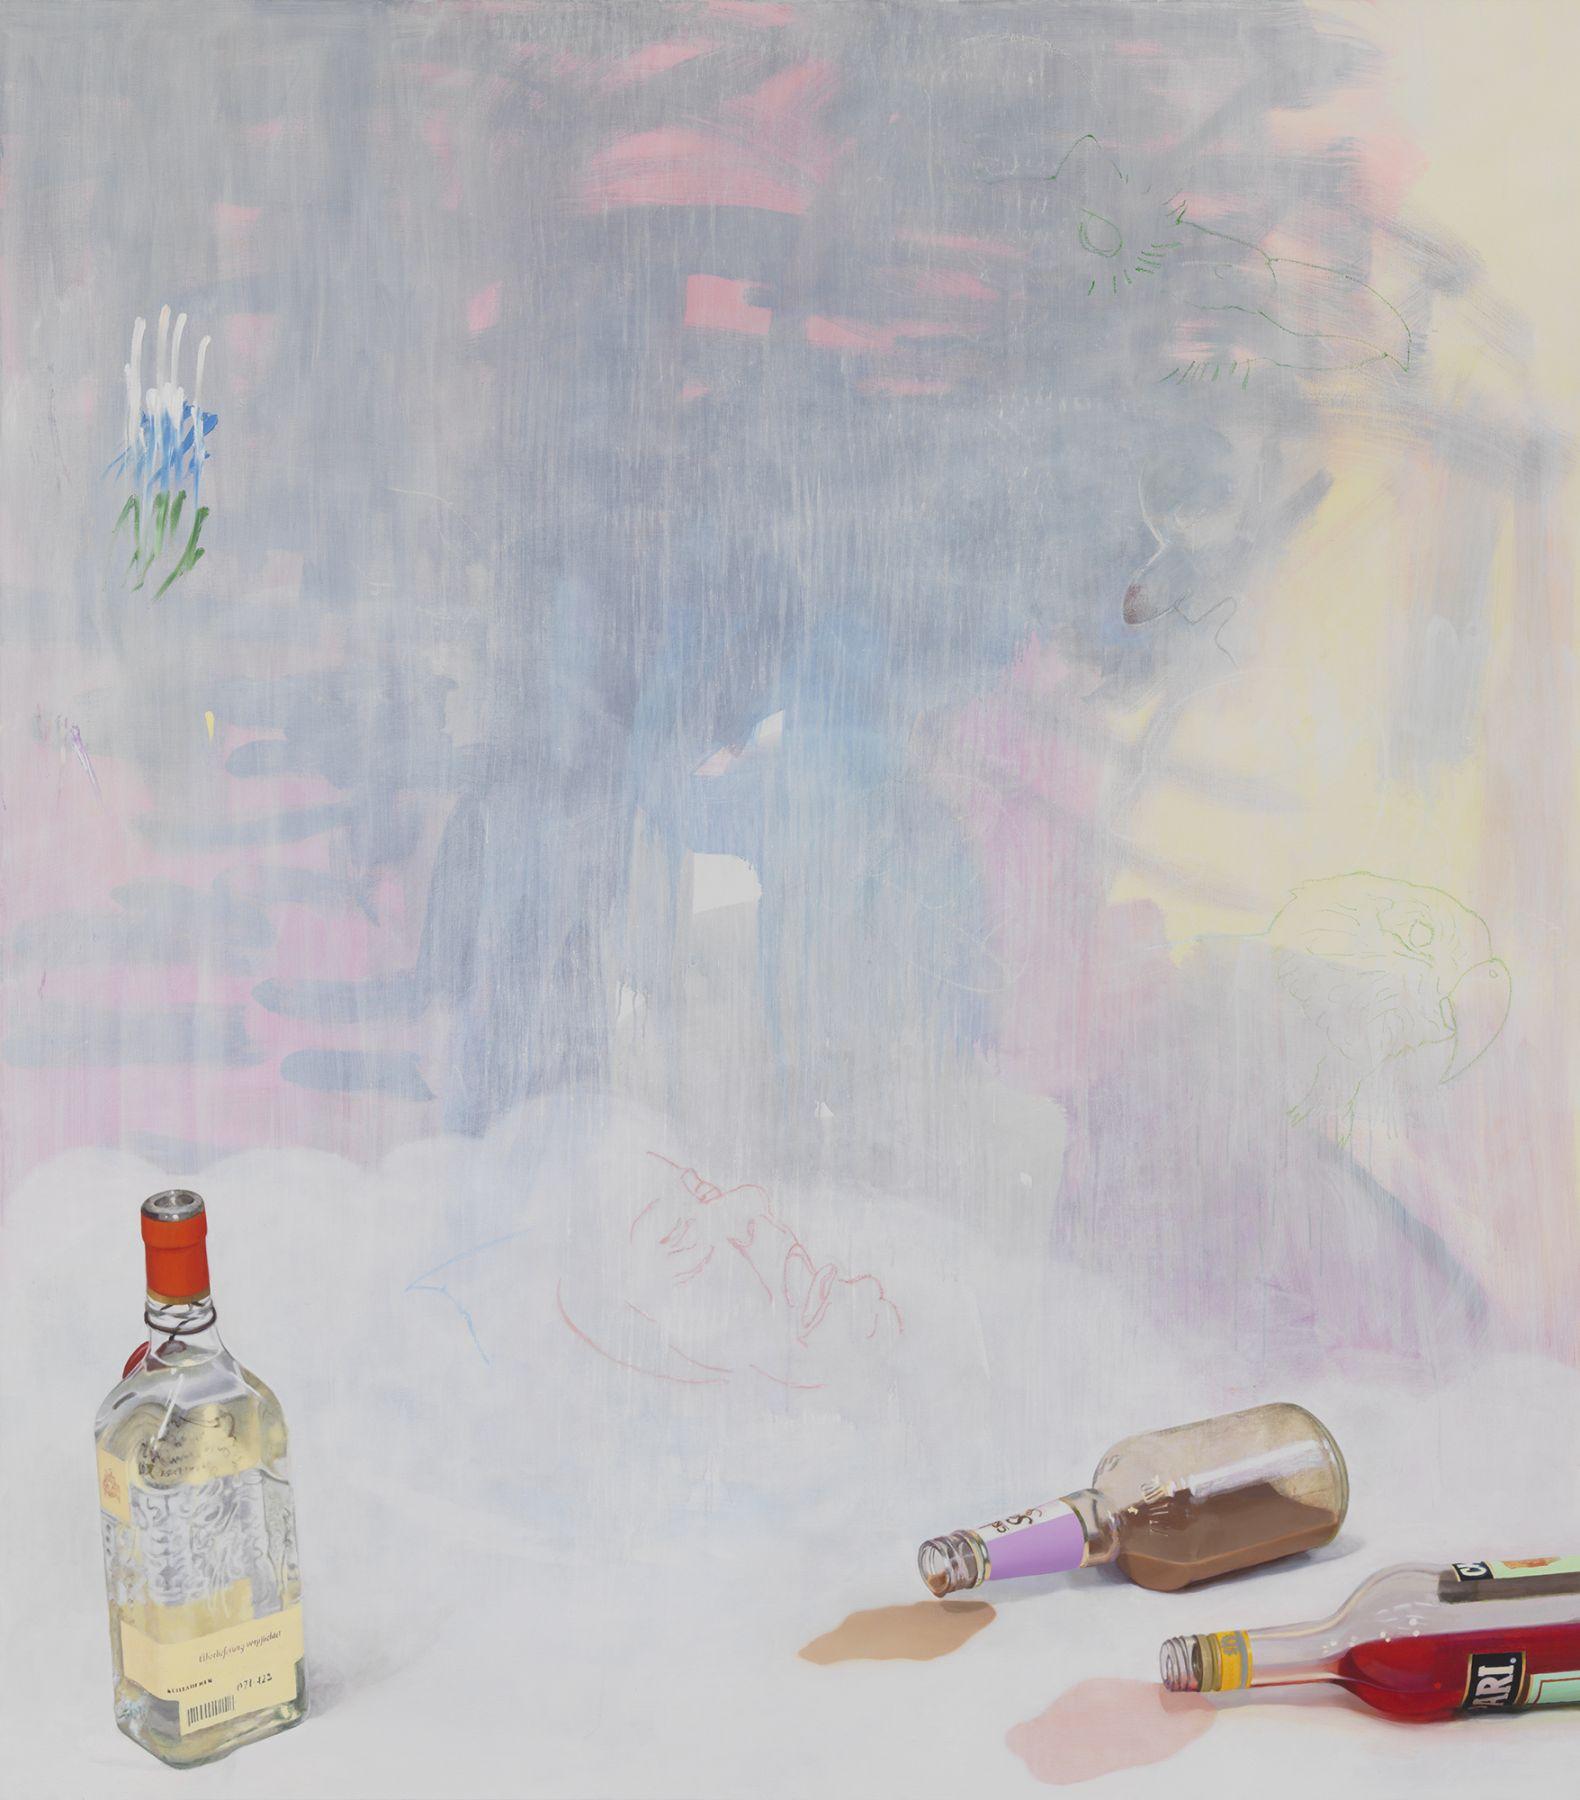 Monika Baer Überlieferung verpflichtet, 2014 Acrylic and oil on canvas 98 3/8 x 86 5/8 inches (250 x 220 cm)